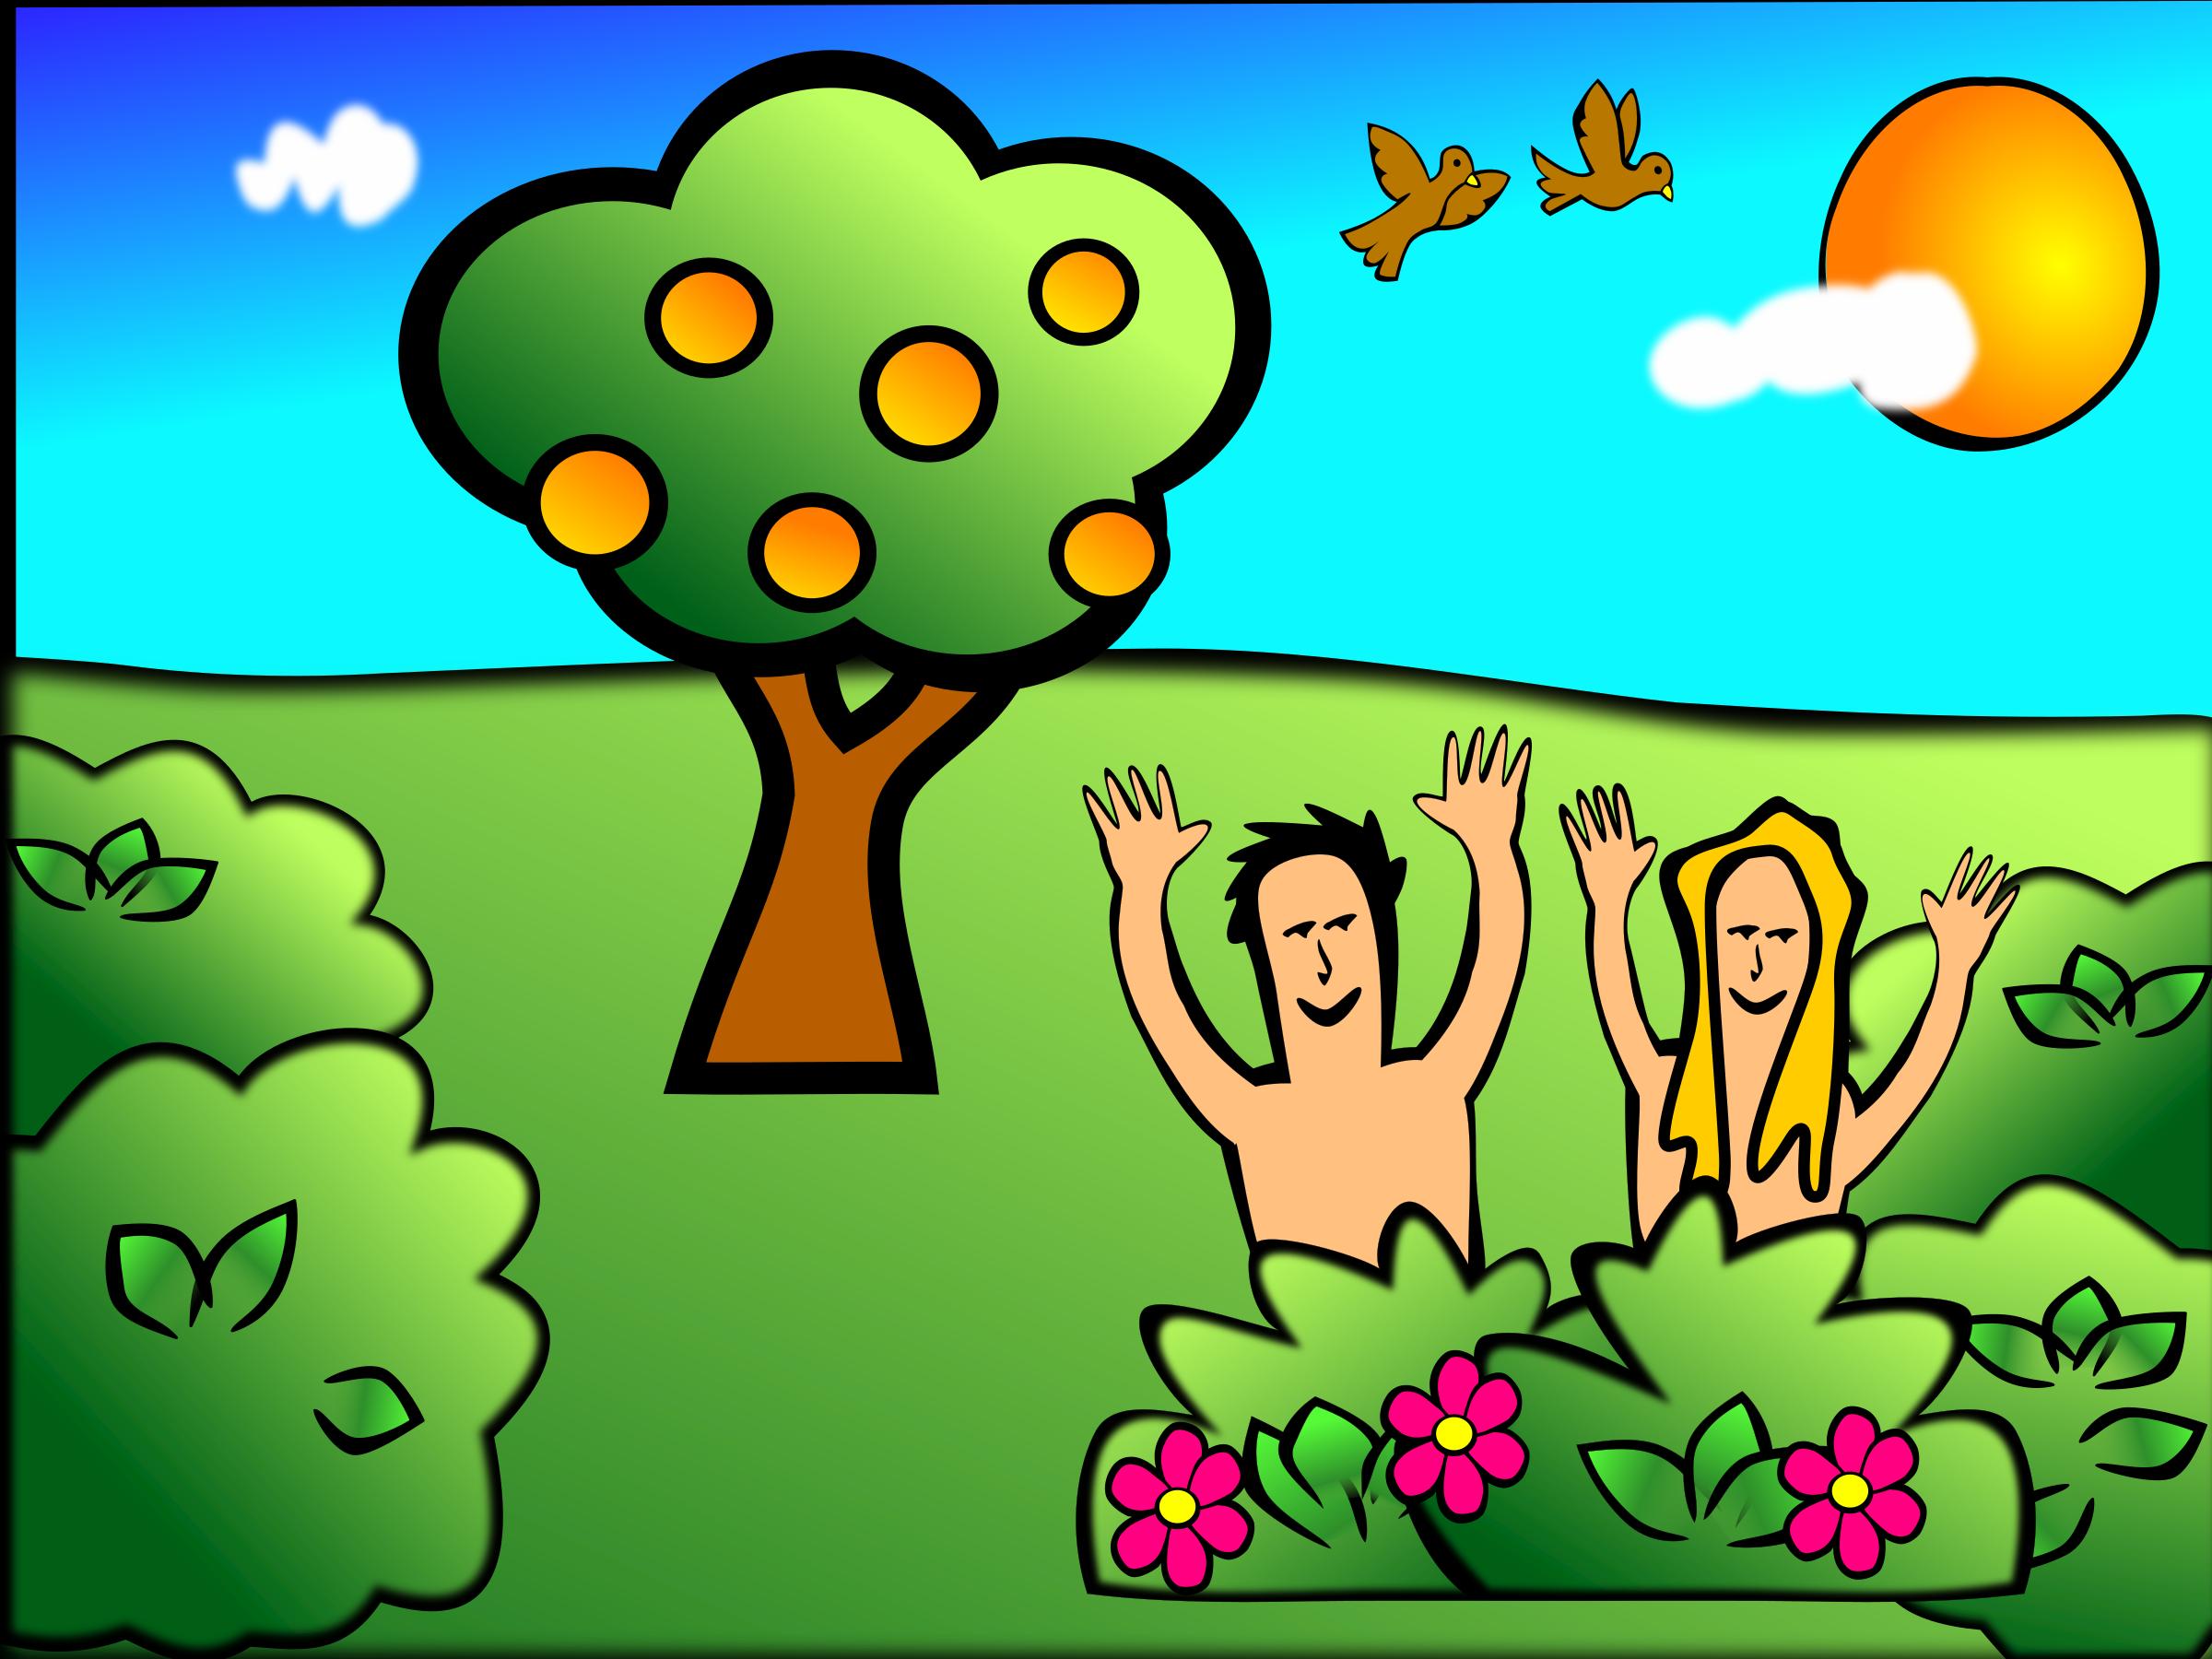 Garden Of Eden clipart adam and eve #2